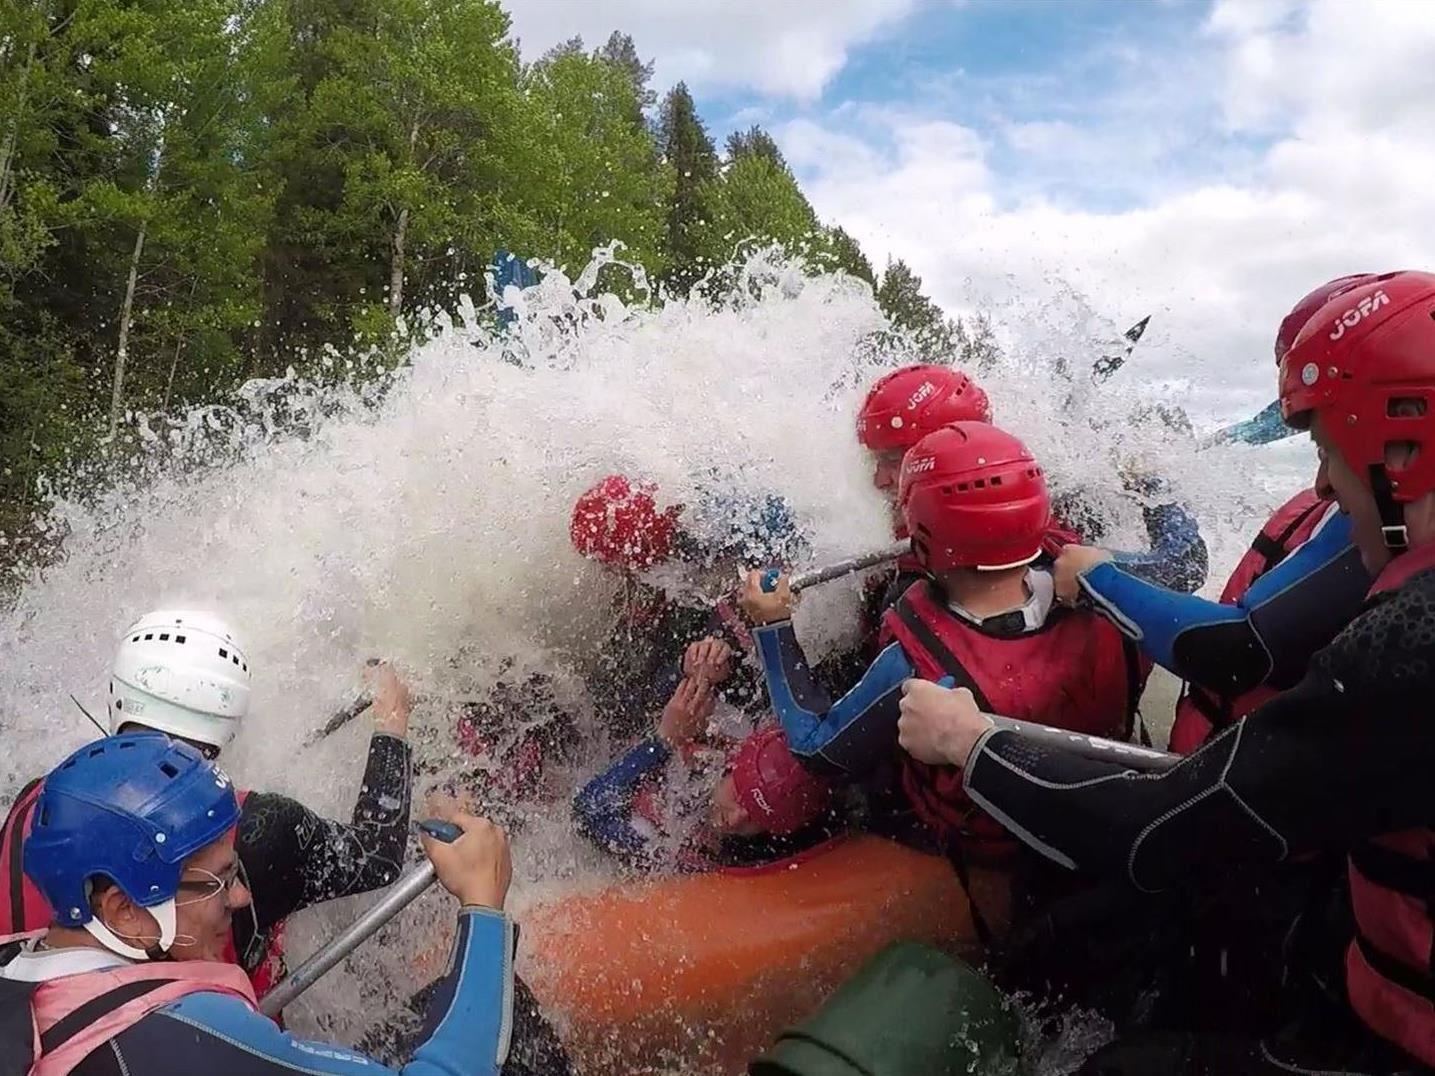 Forsränning och vattenäventyr